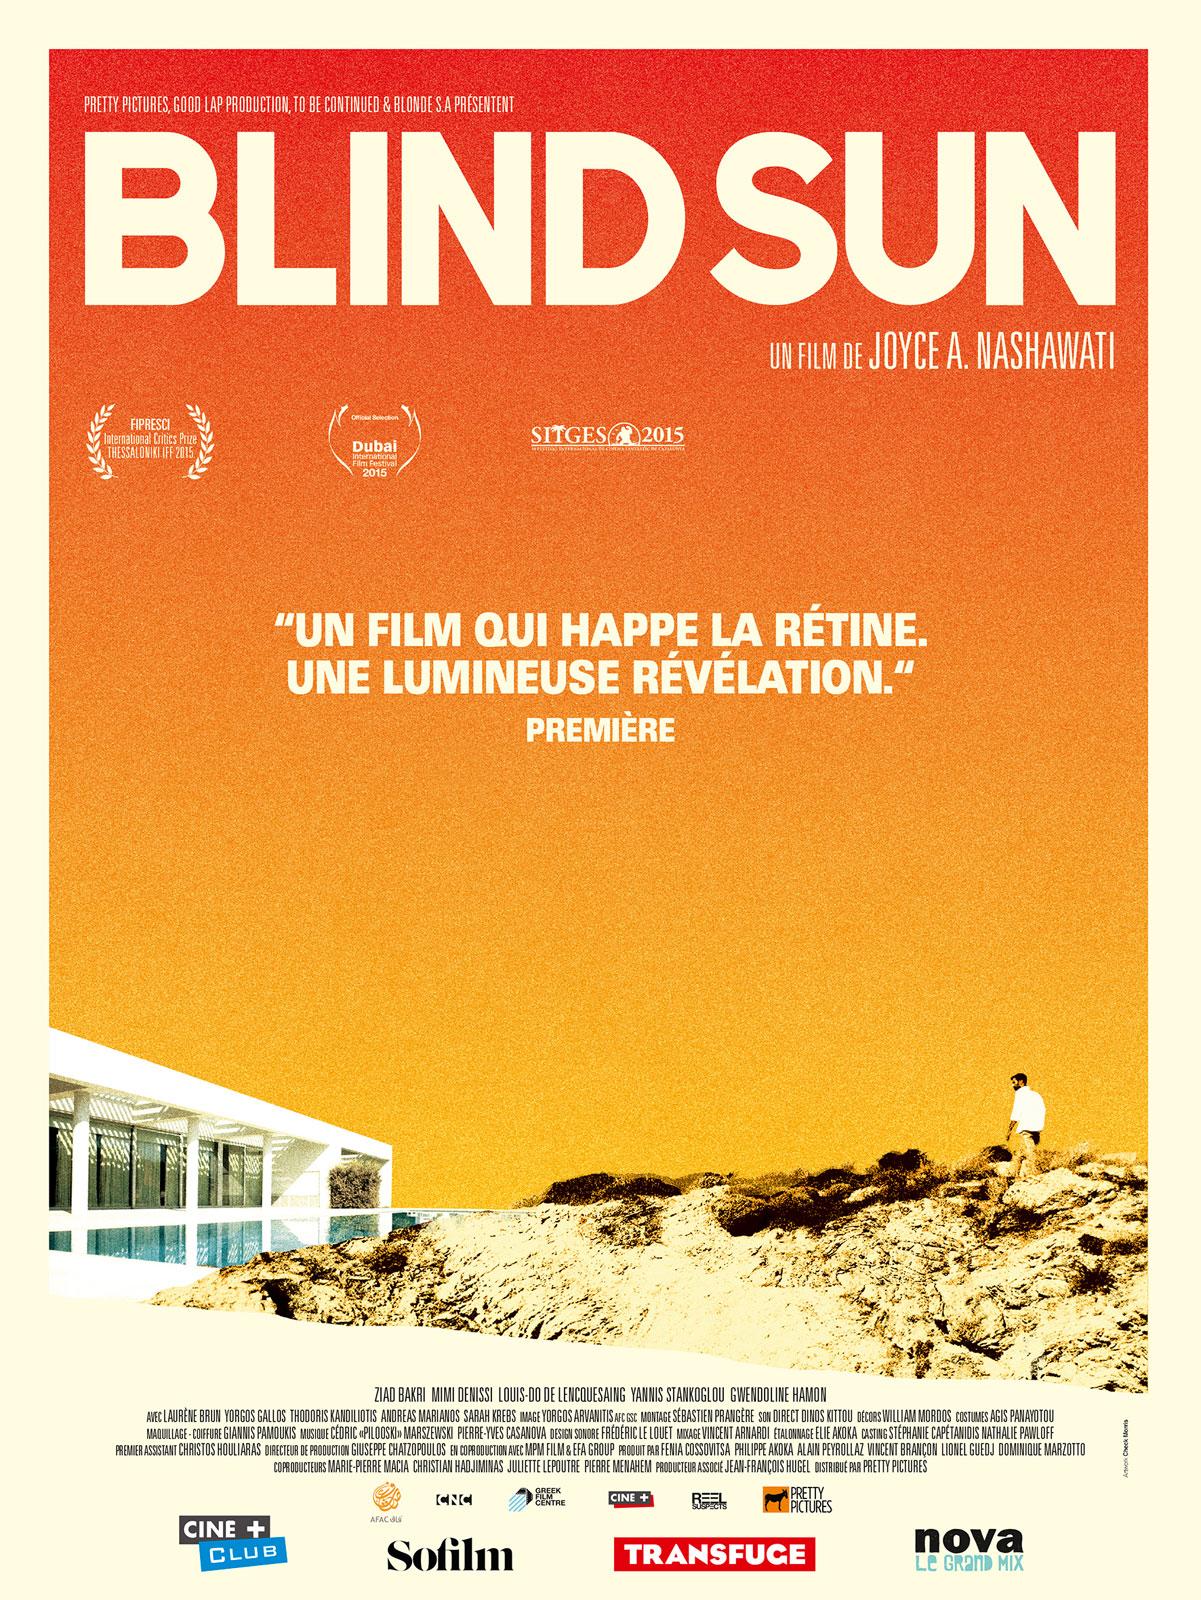 blind date bande annonce Bandes-annonces - mein blind date mit dem leben.